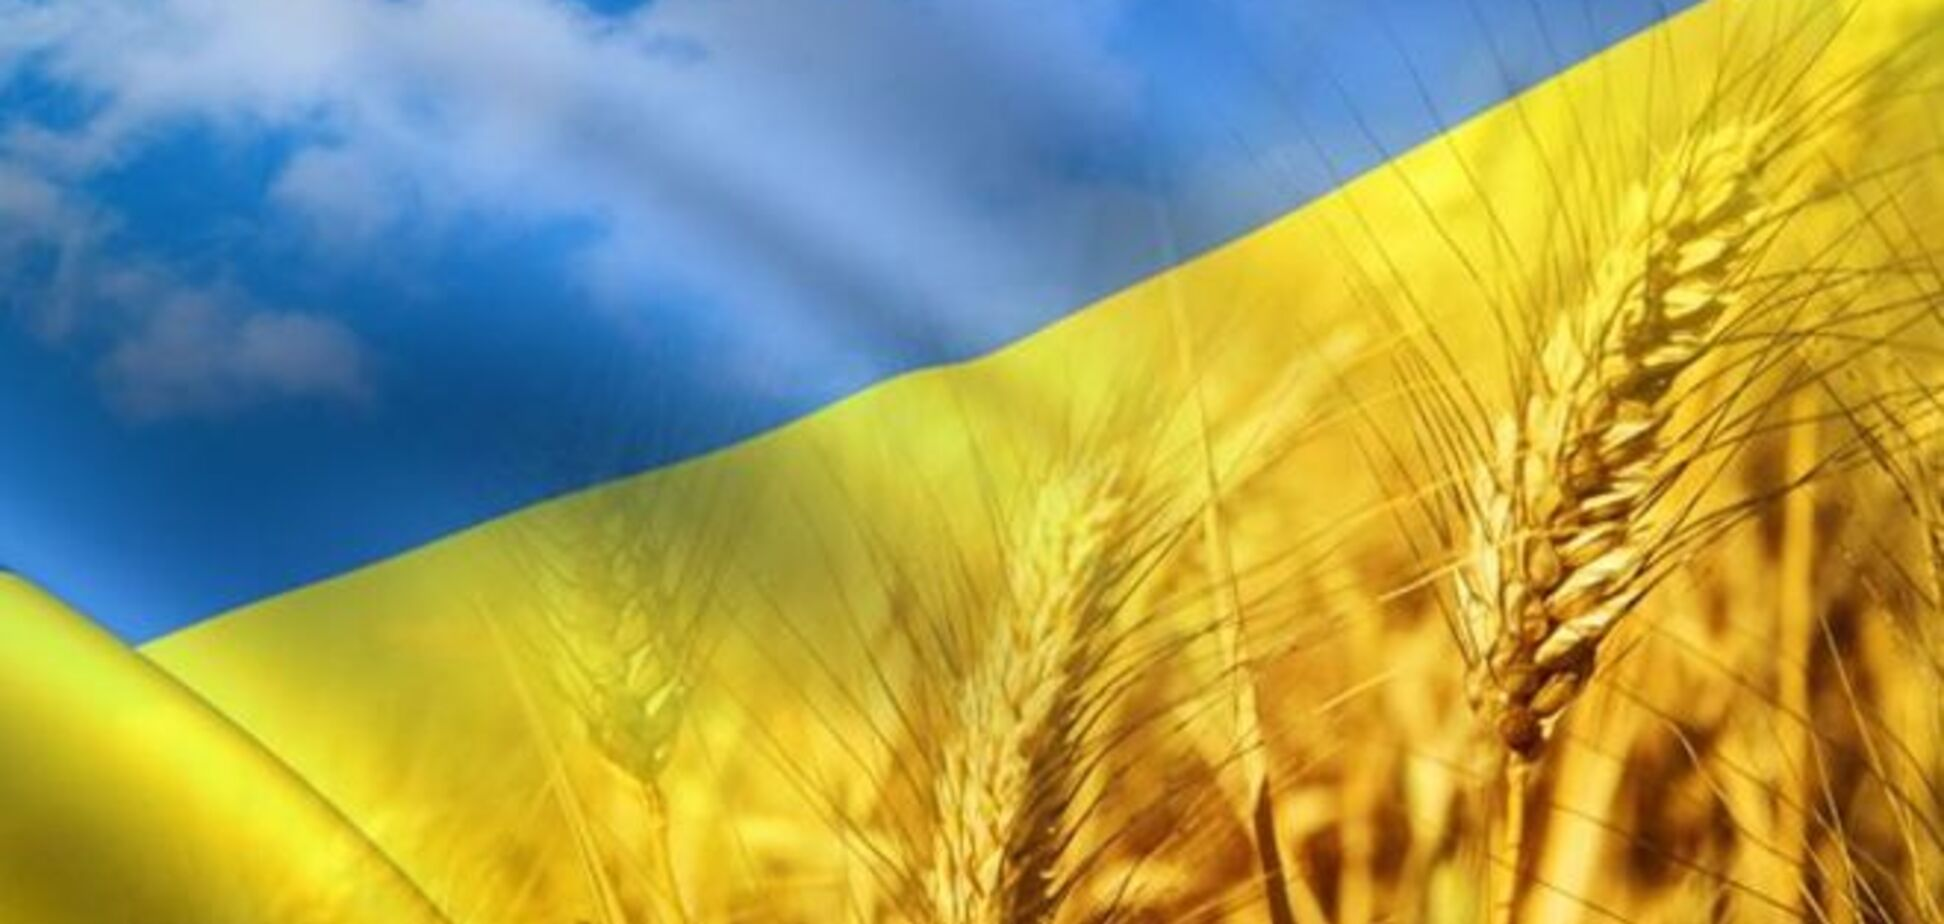 Розпад Росії як запорука створення безпечного для України зовнішньополітичного середовища